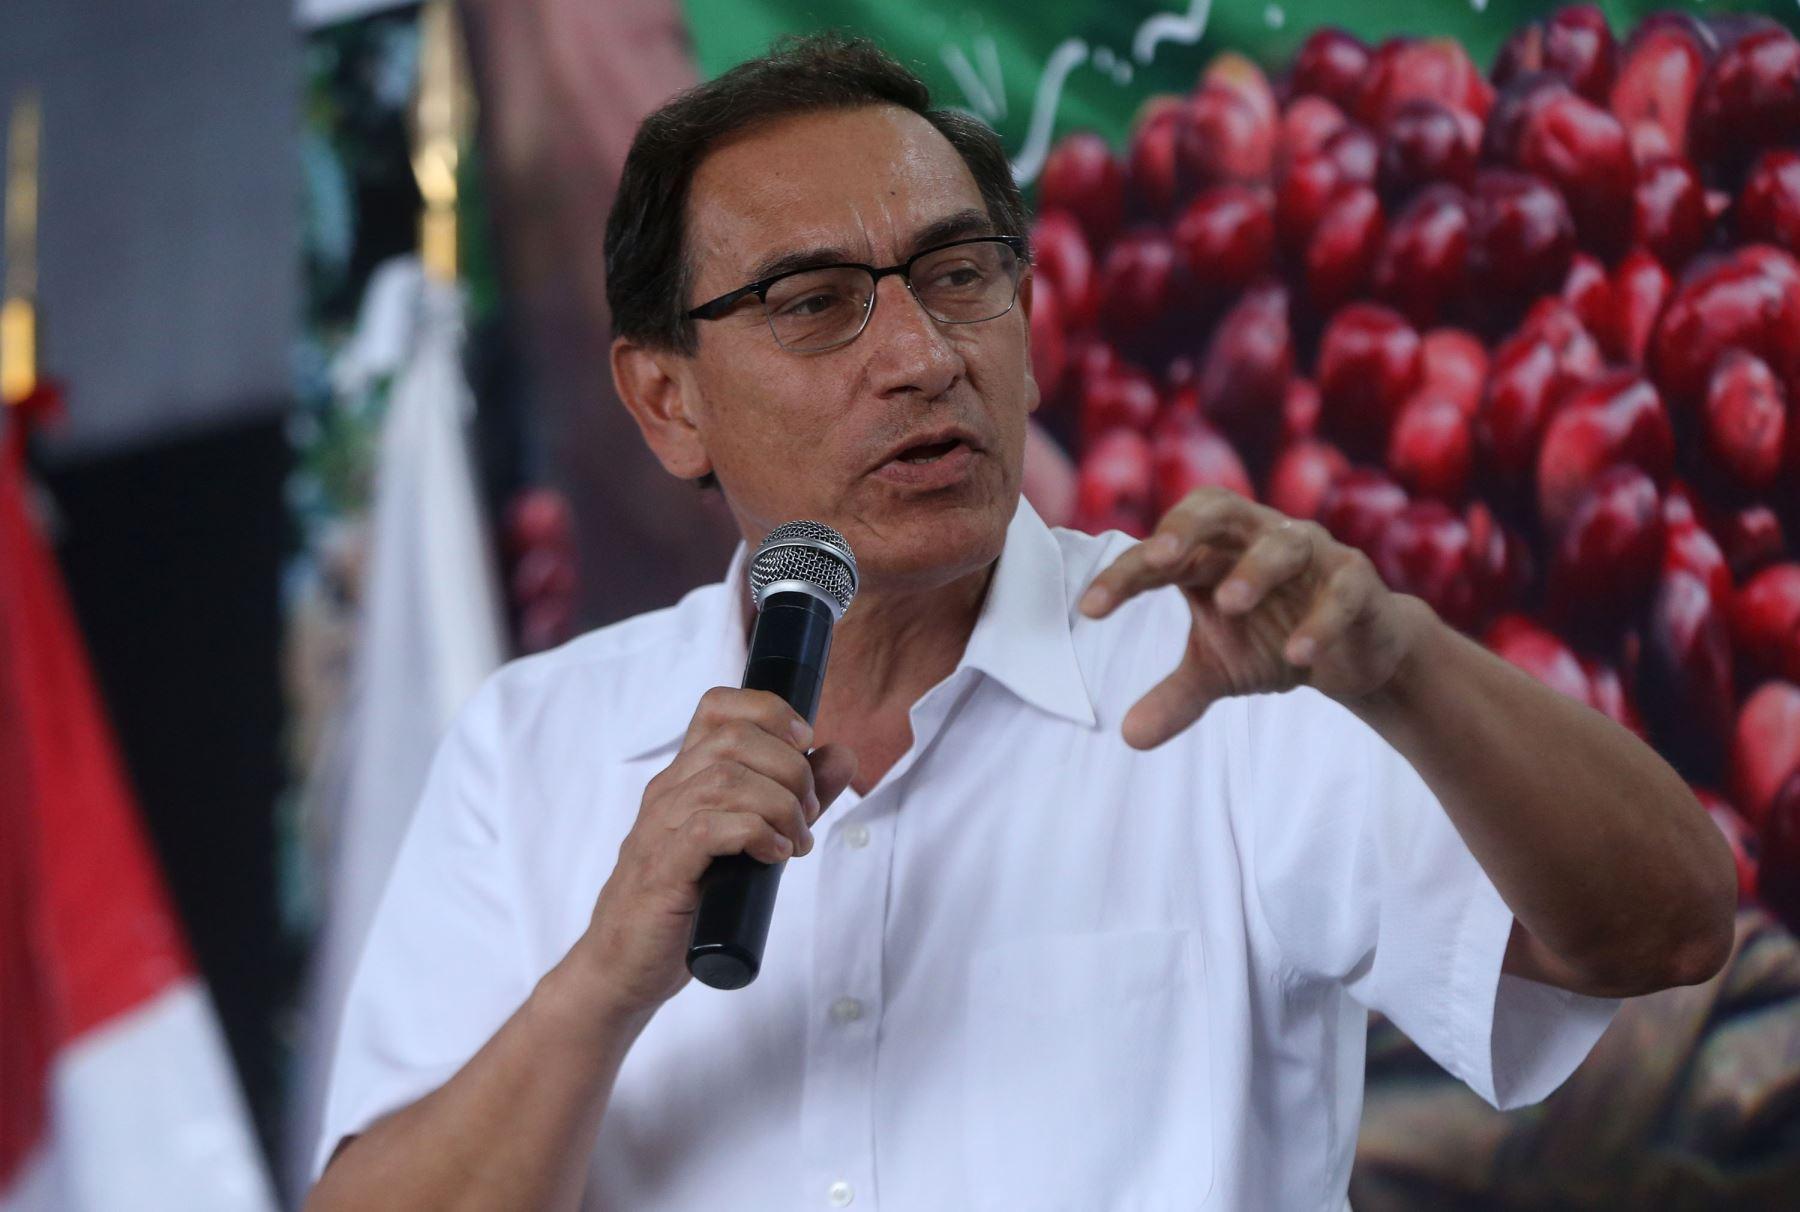 VILLA RICACERRO DE PASCO,PERÚ-SETIEMBRE 16. Martín  Vizcarra vice presidente de la República y el Ministro de Agricultura asisten a la clausura de la  II Feria Internacional de Cafés Especiales del Perú. Foto: ANDINA/Vidal Tarqui